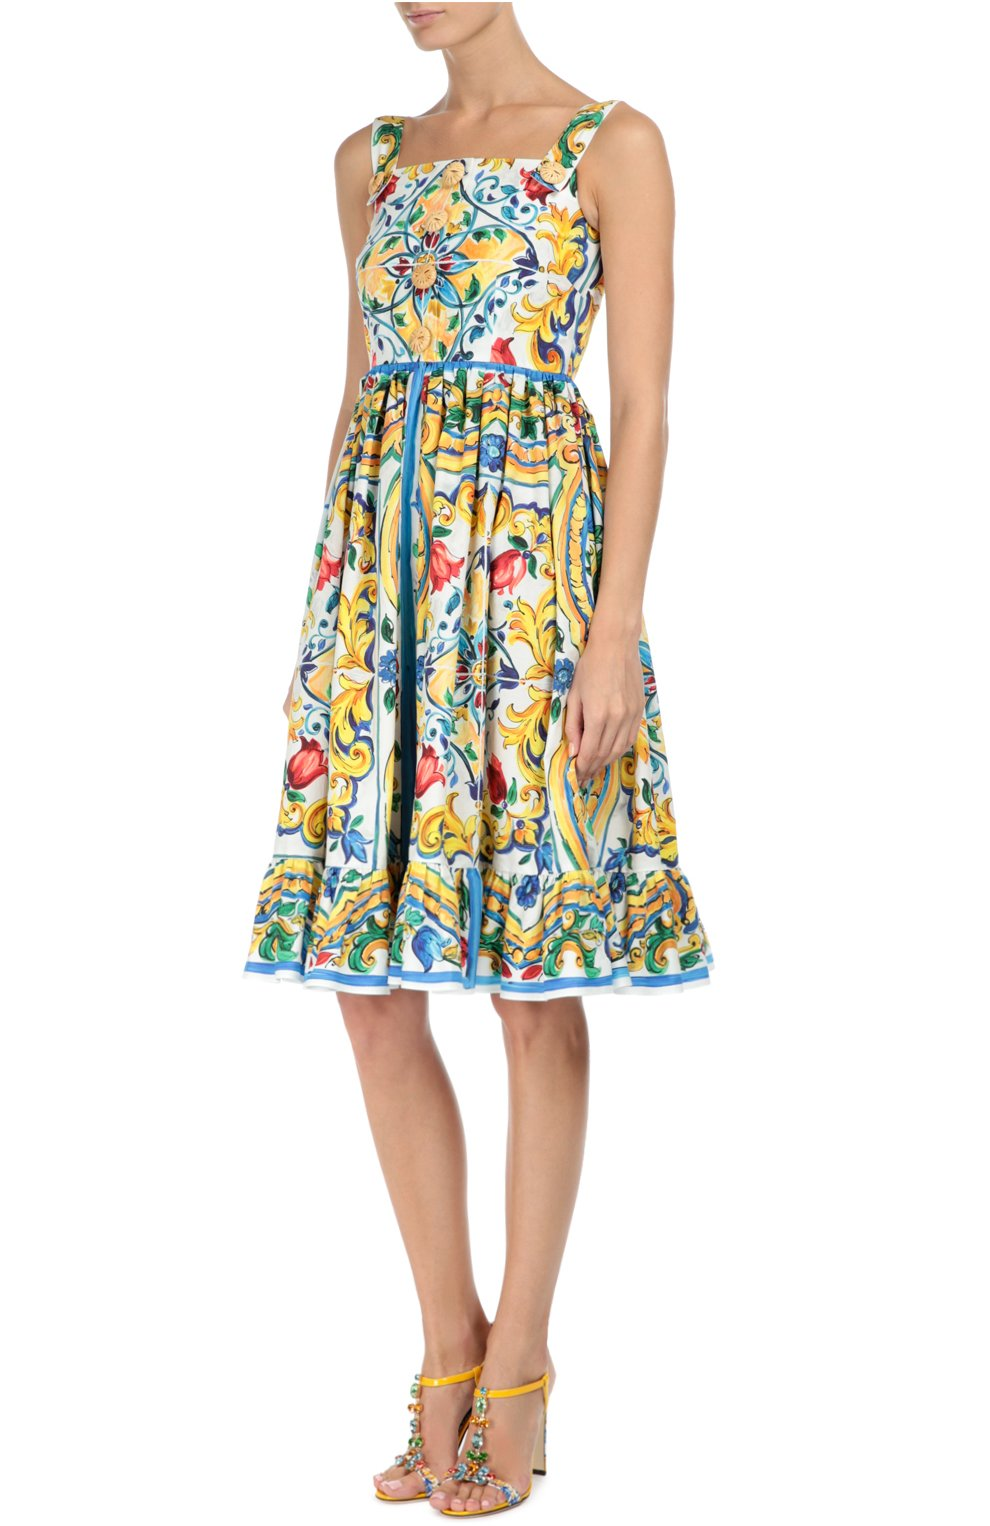 Босоножки Keira с принтом Majolica Dolce & Gabbana разноцветные   Фото №3